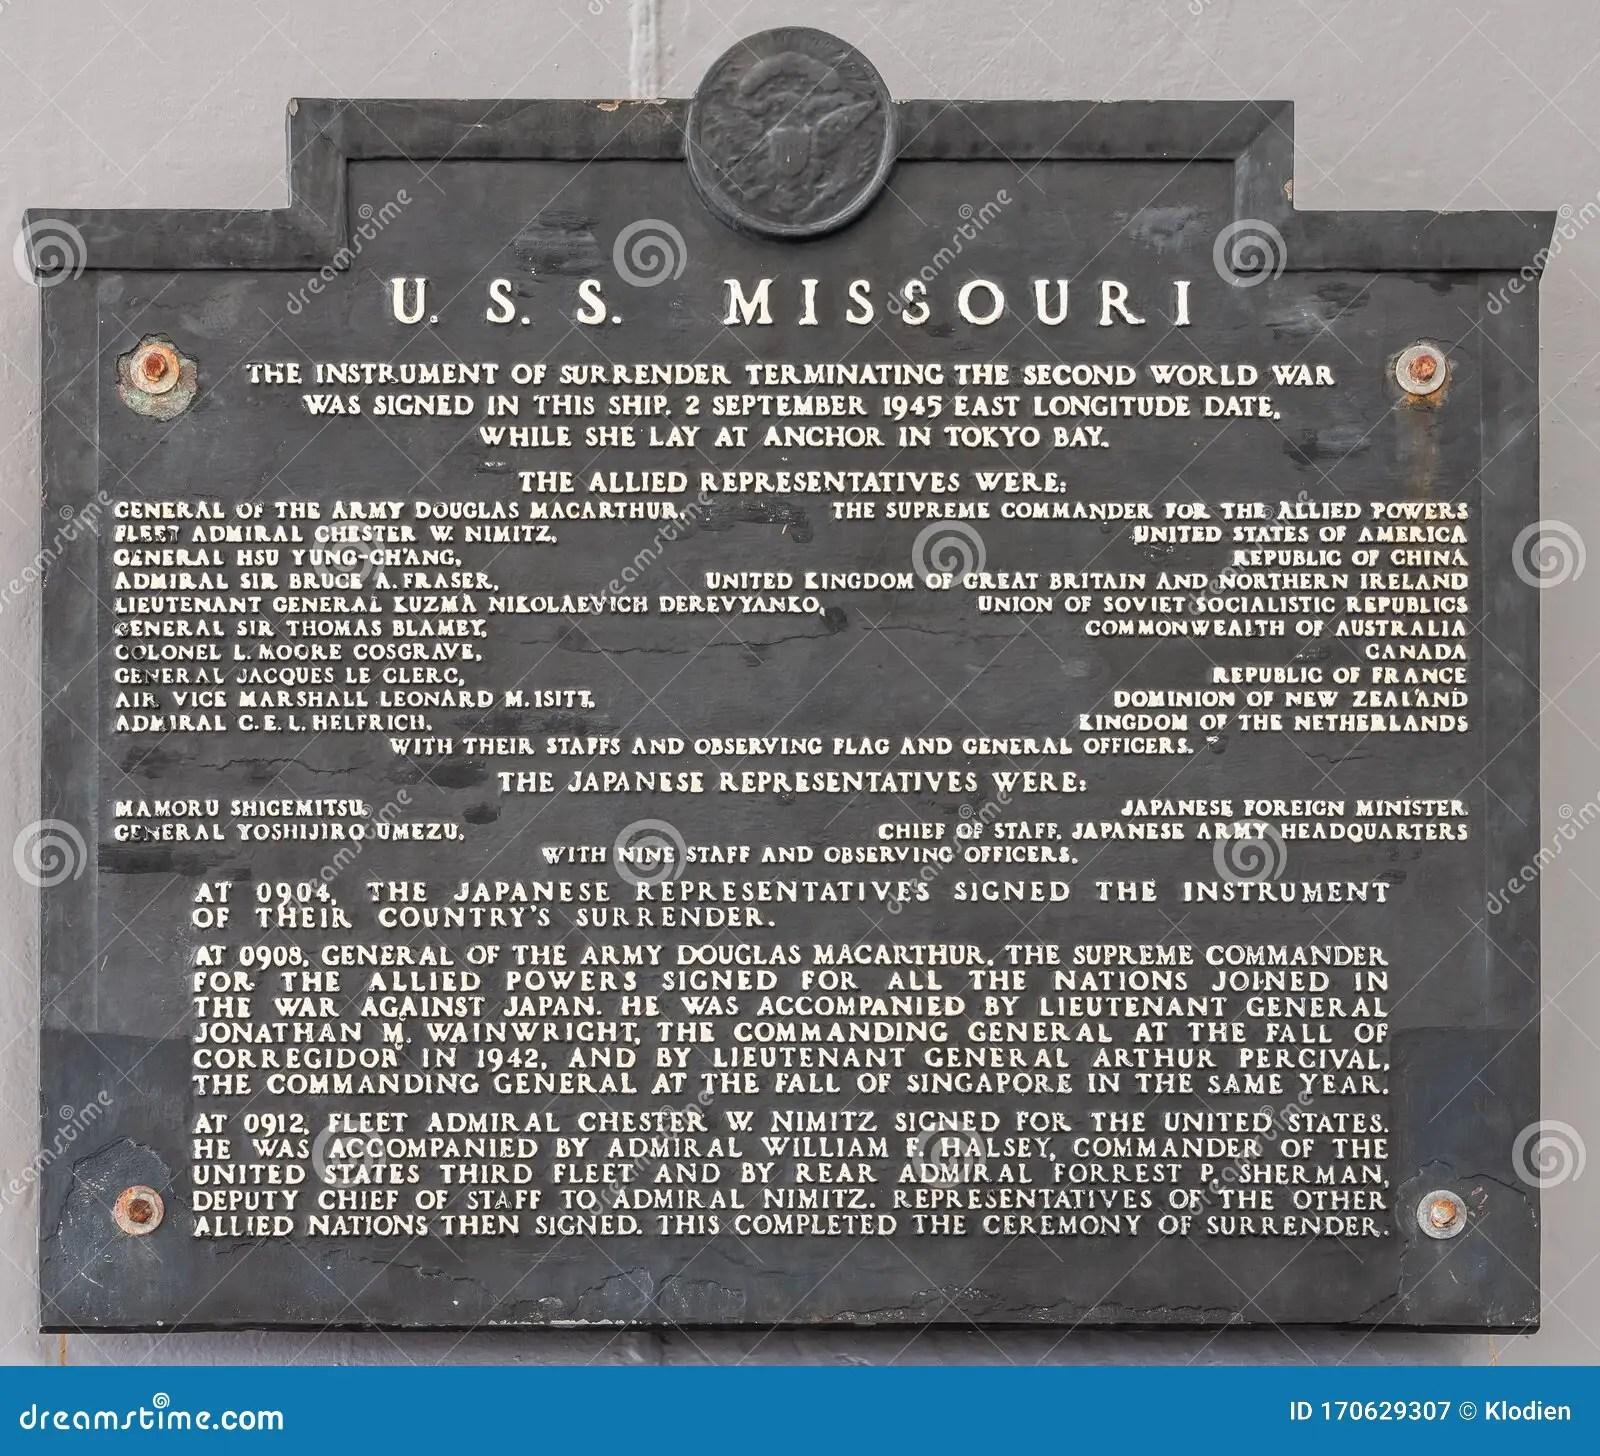 Japanese Surrender Memorial Plate At Uss Missouri At Pearl